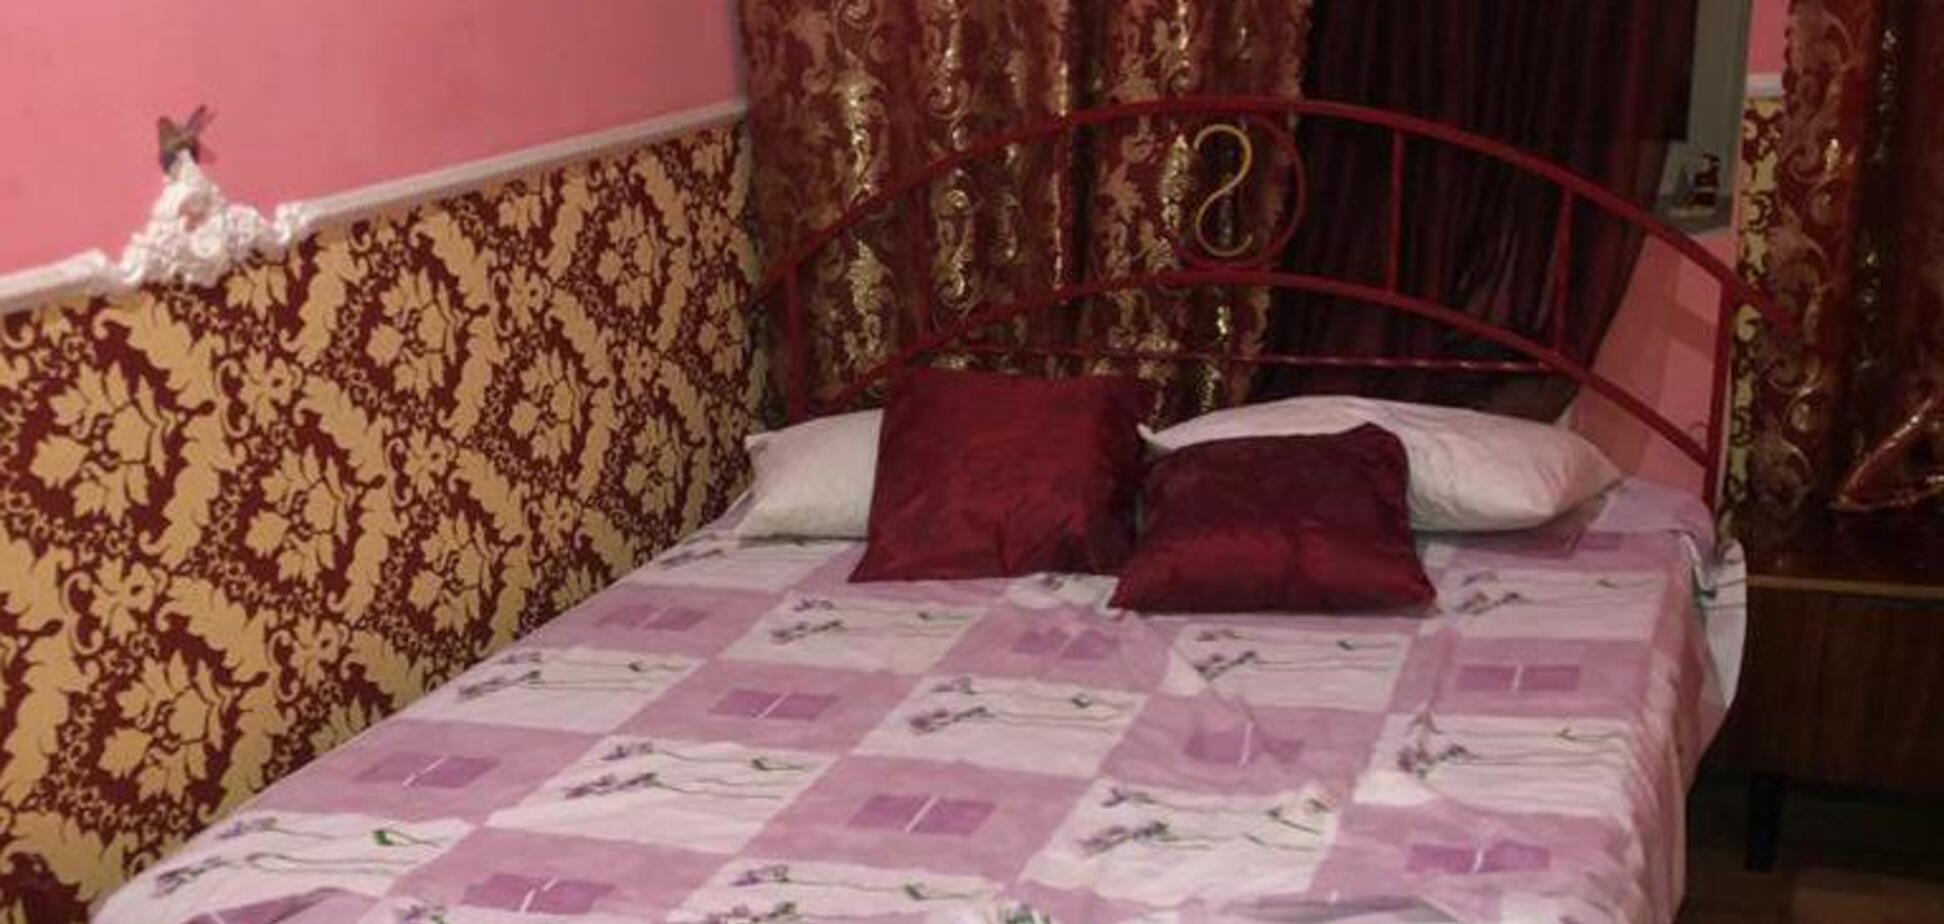 В центре Днепра накрыли бордель: опубликованы фото и видео